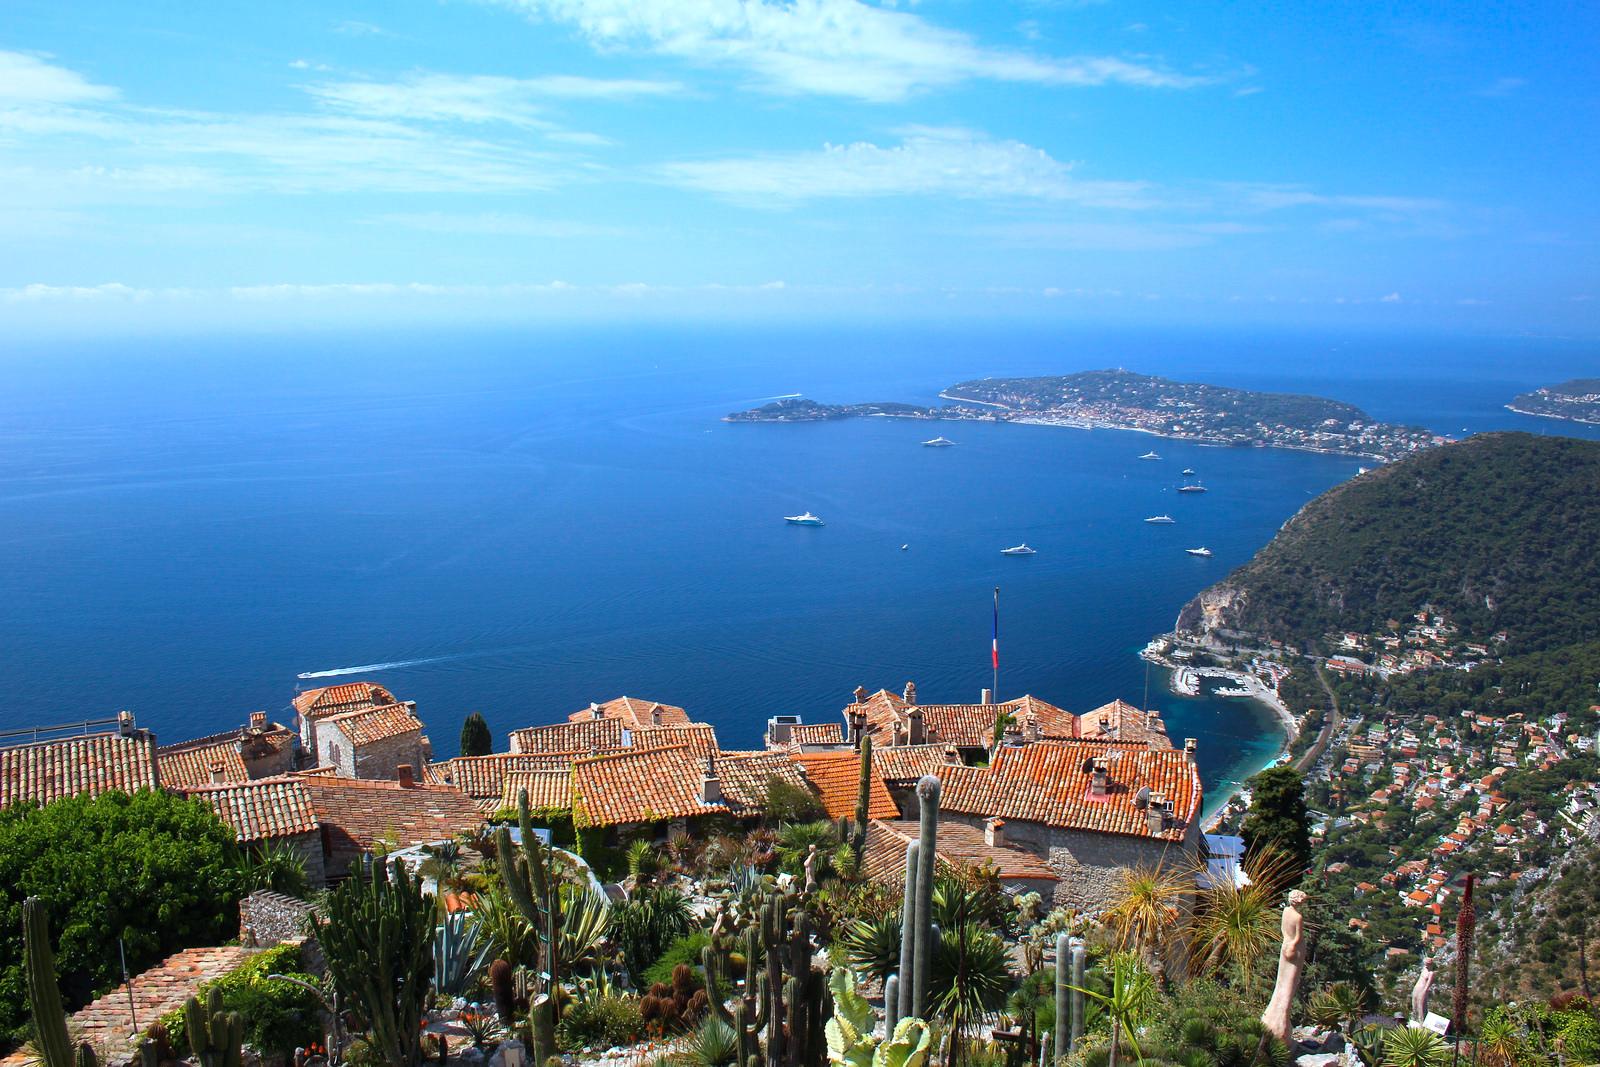 Cote d'Azur ©Navin Rajagopalan via Flickr